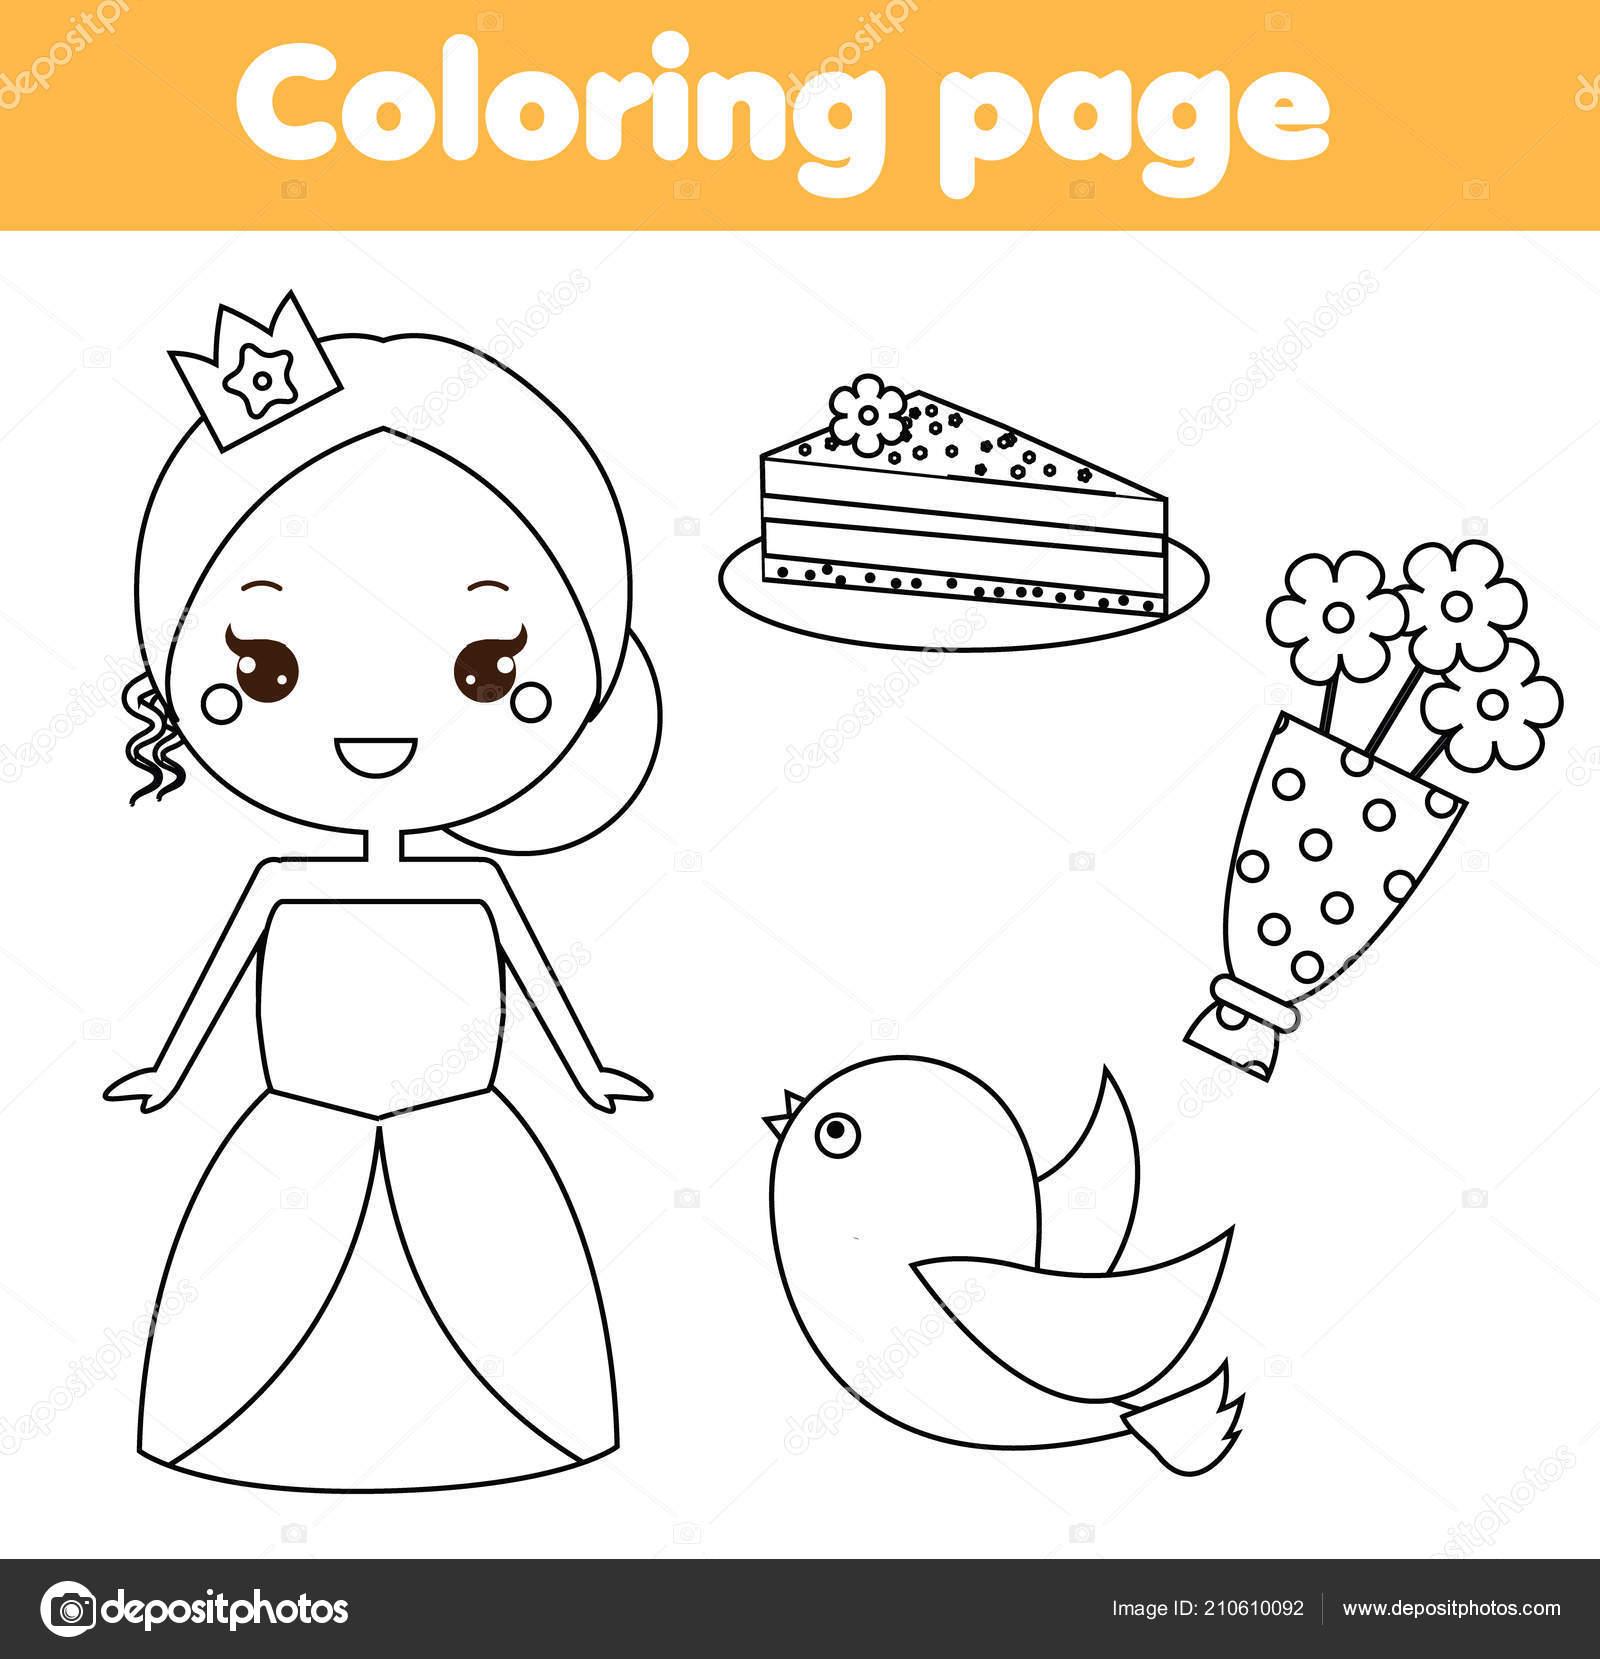 Boyama Sayfası Eğitim çocuk Oyunu şirin Prenses Kek Kuş çocuklar